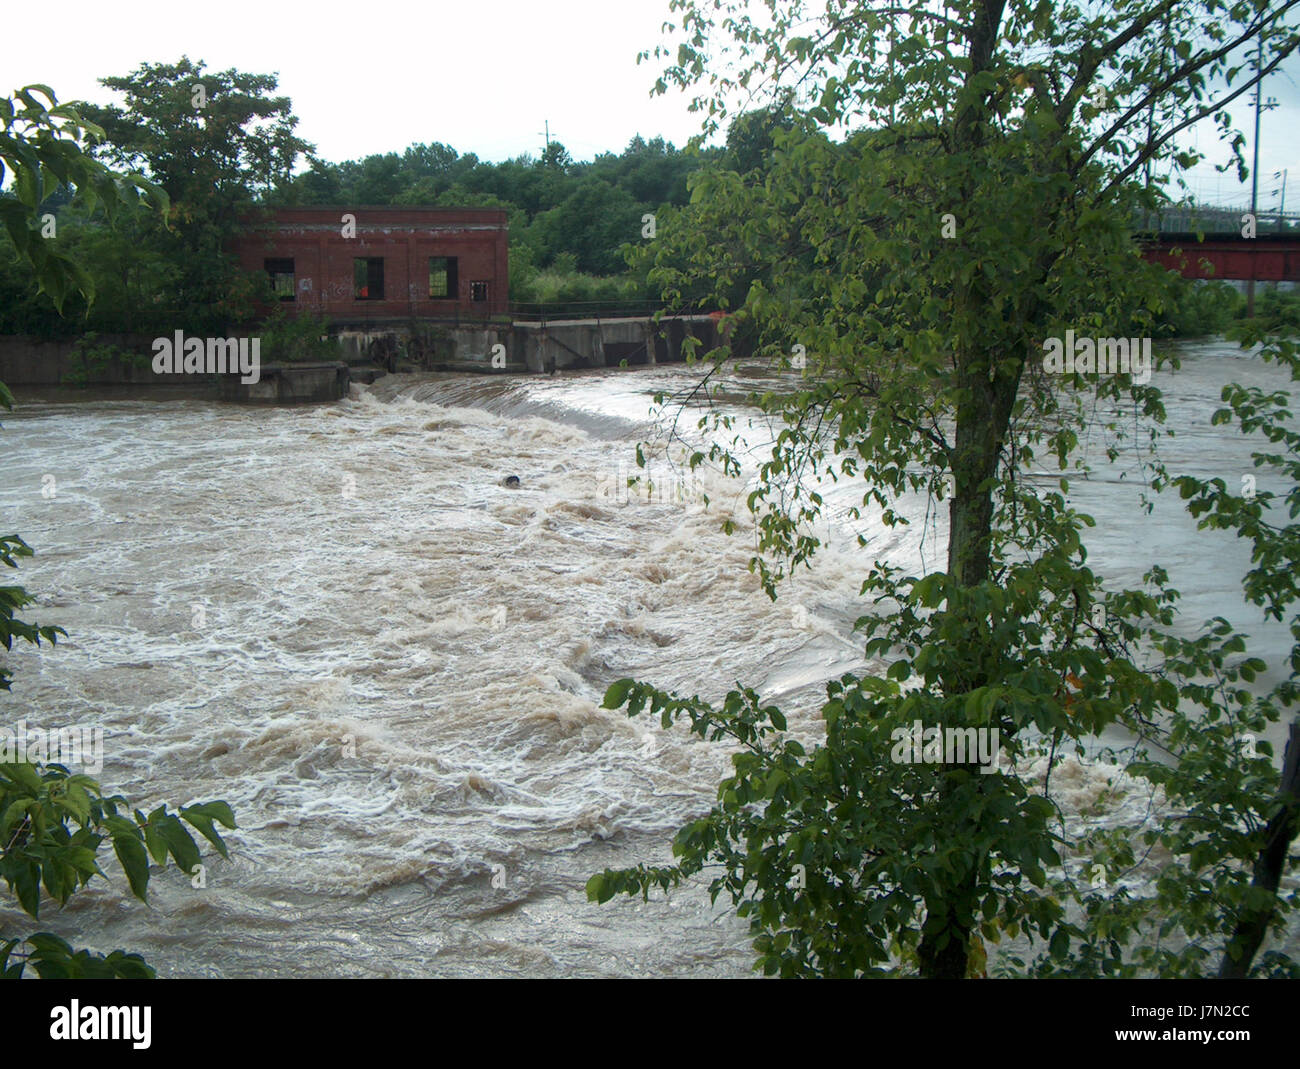 2003 Mahoning flood 6 - Stock Image